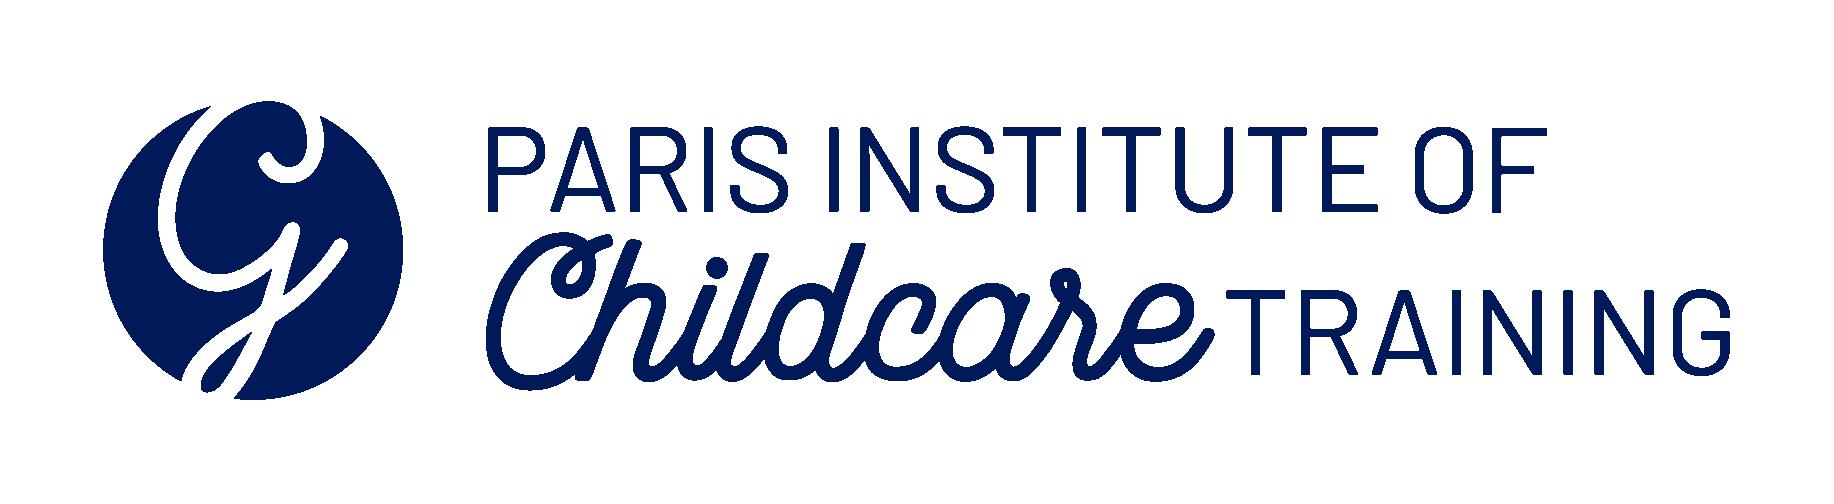 The Paris Institute of Childcare Training